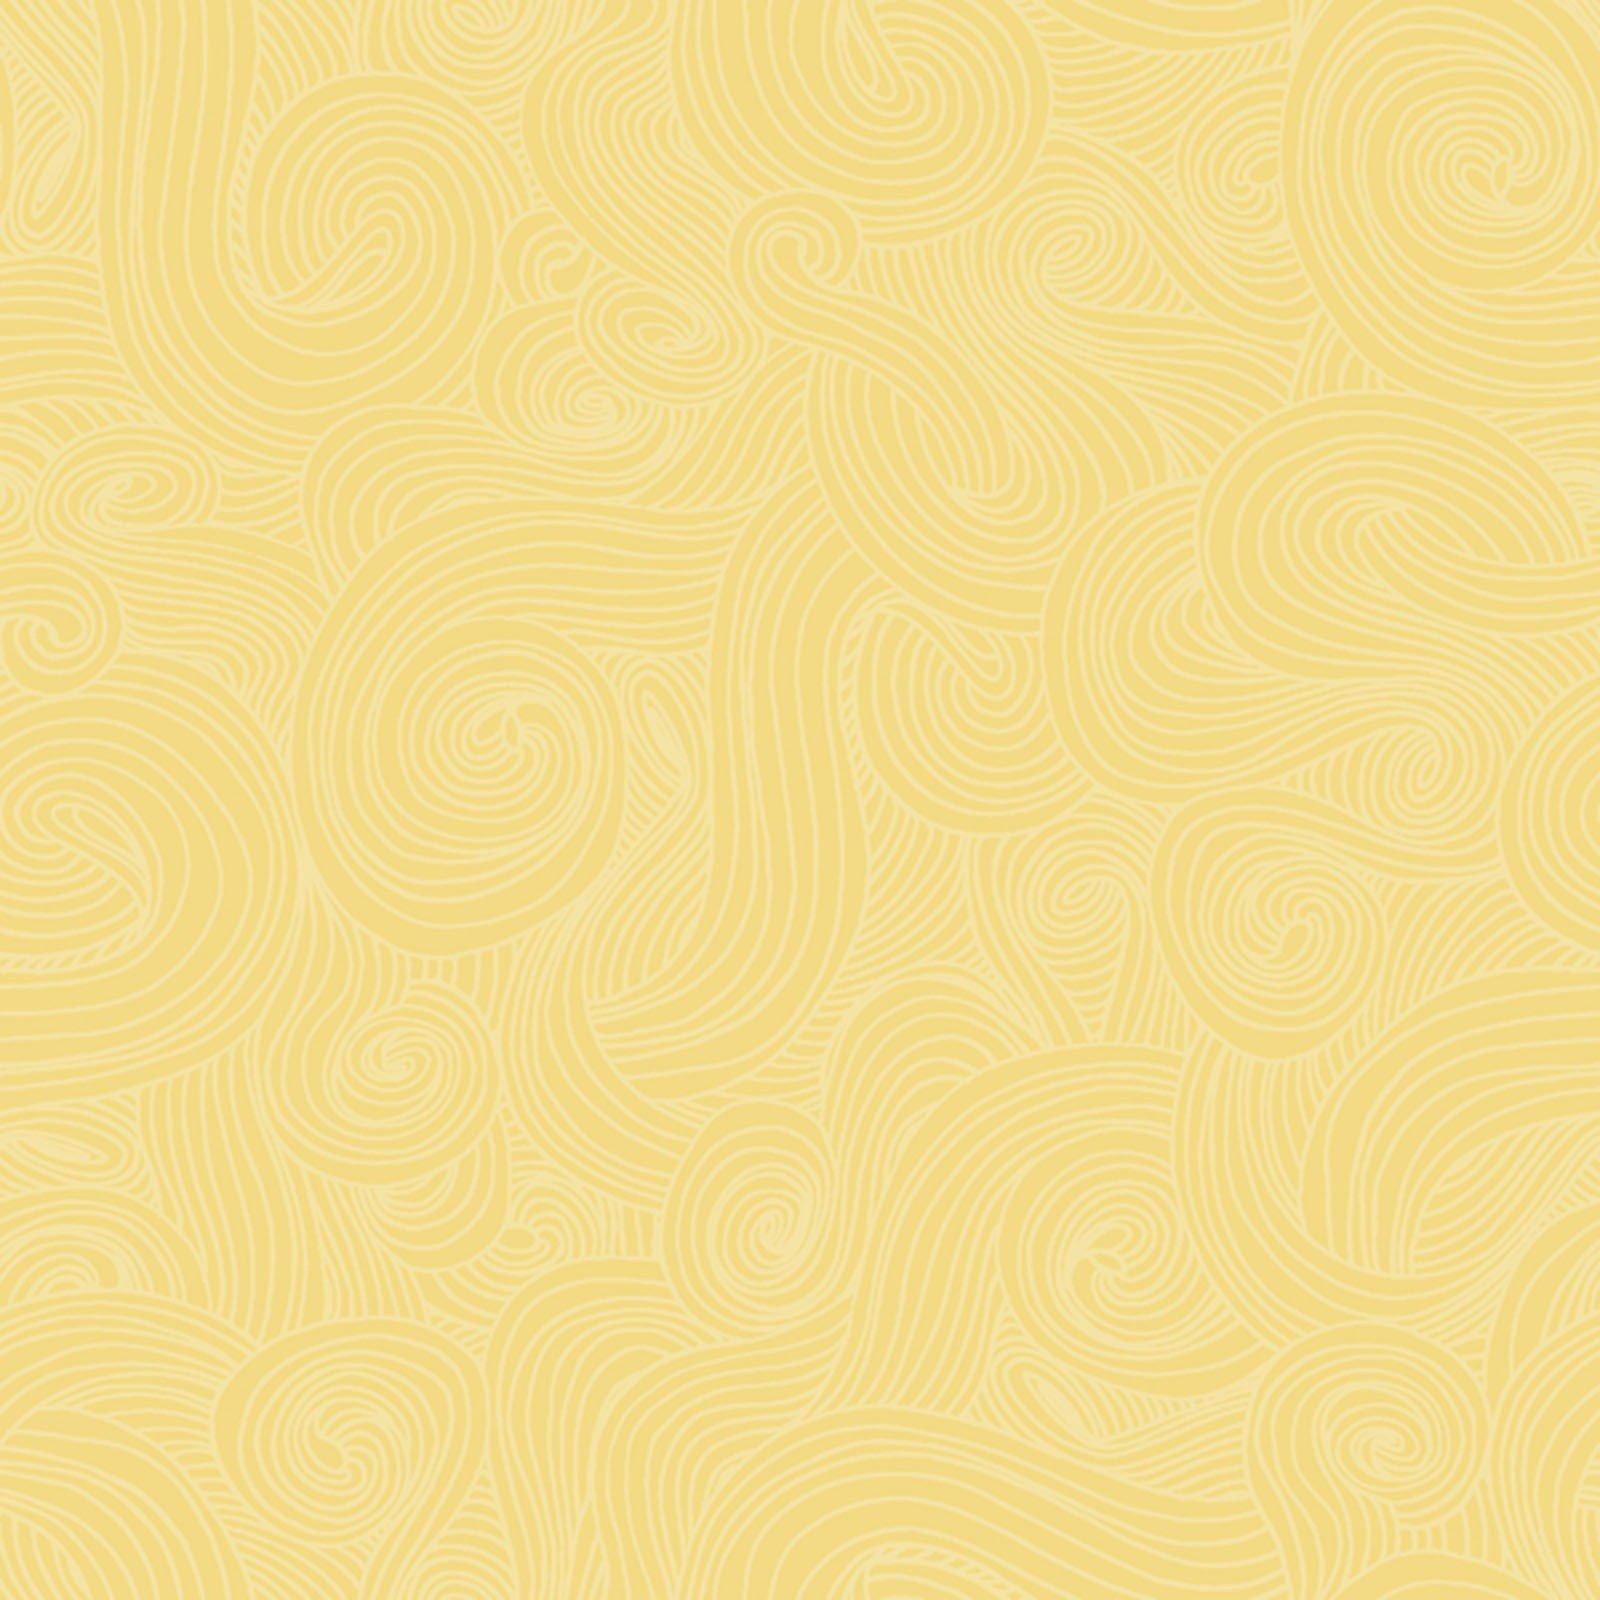 Just Color - Daffodil<br/>Studio-e 1351-DAF